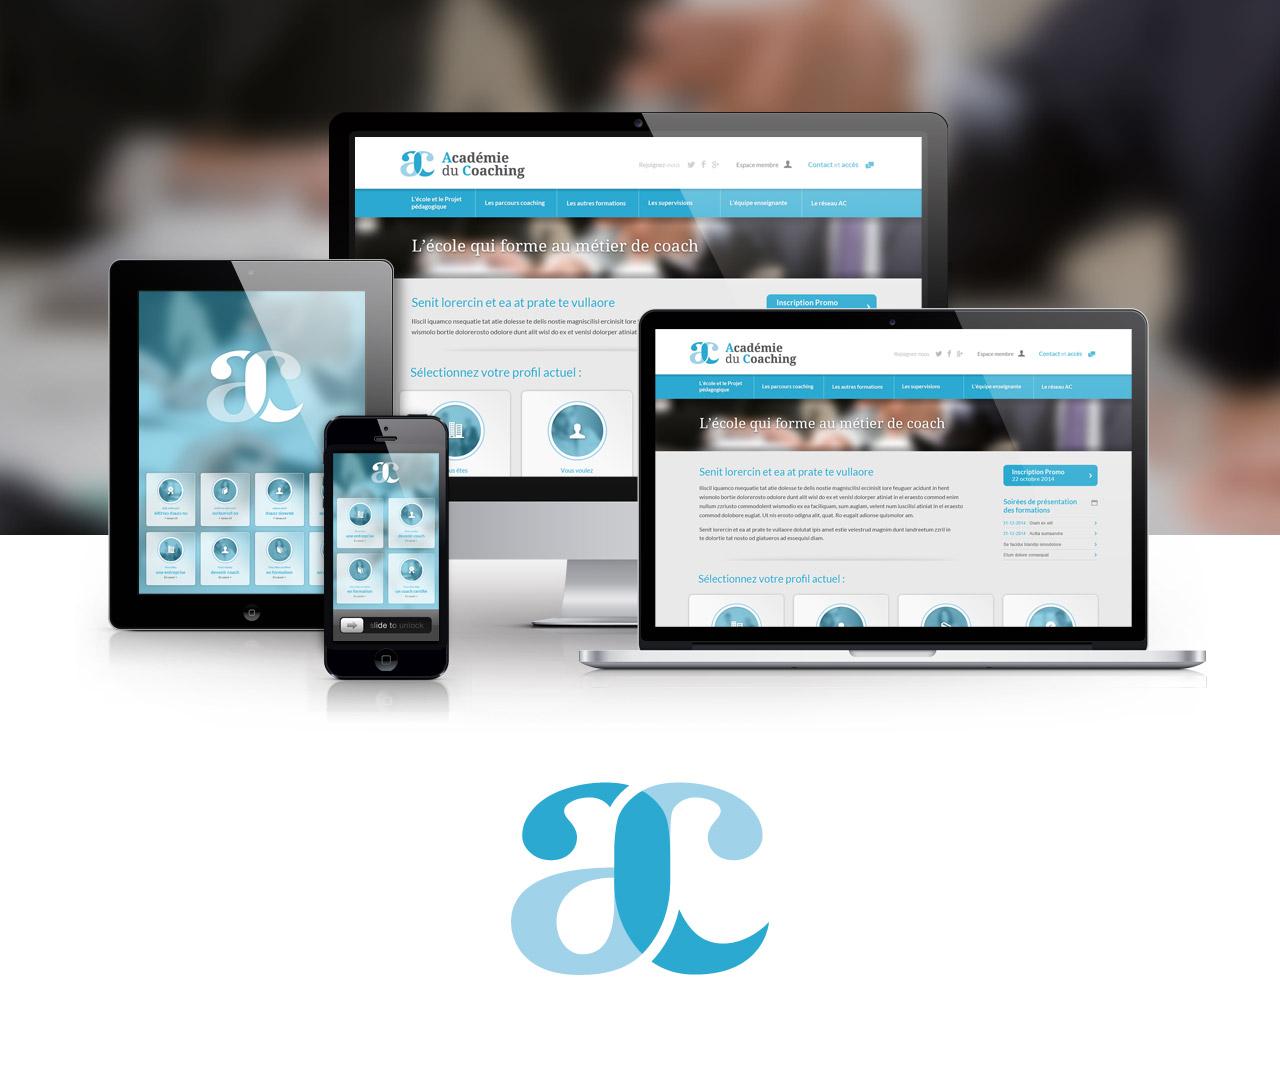 academie-du-coaching-site-internet-responsive-design-creation-communication-caconcept-alexis-cretin-graphiste